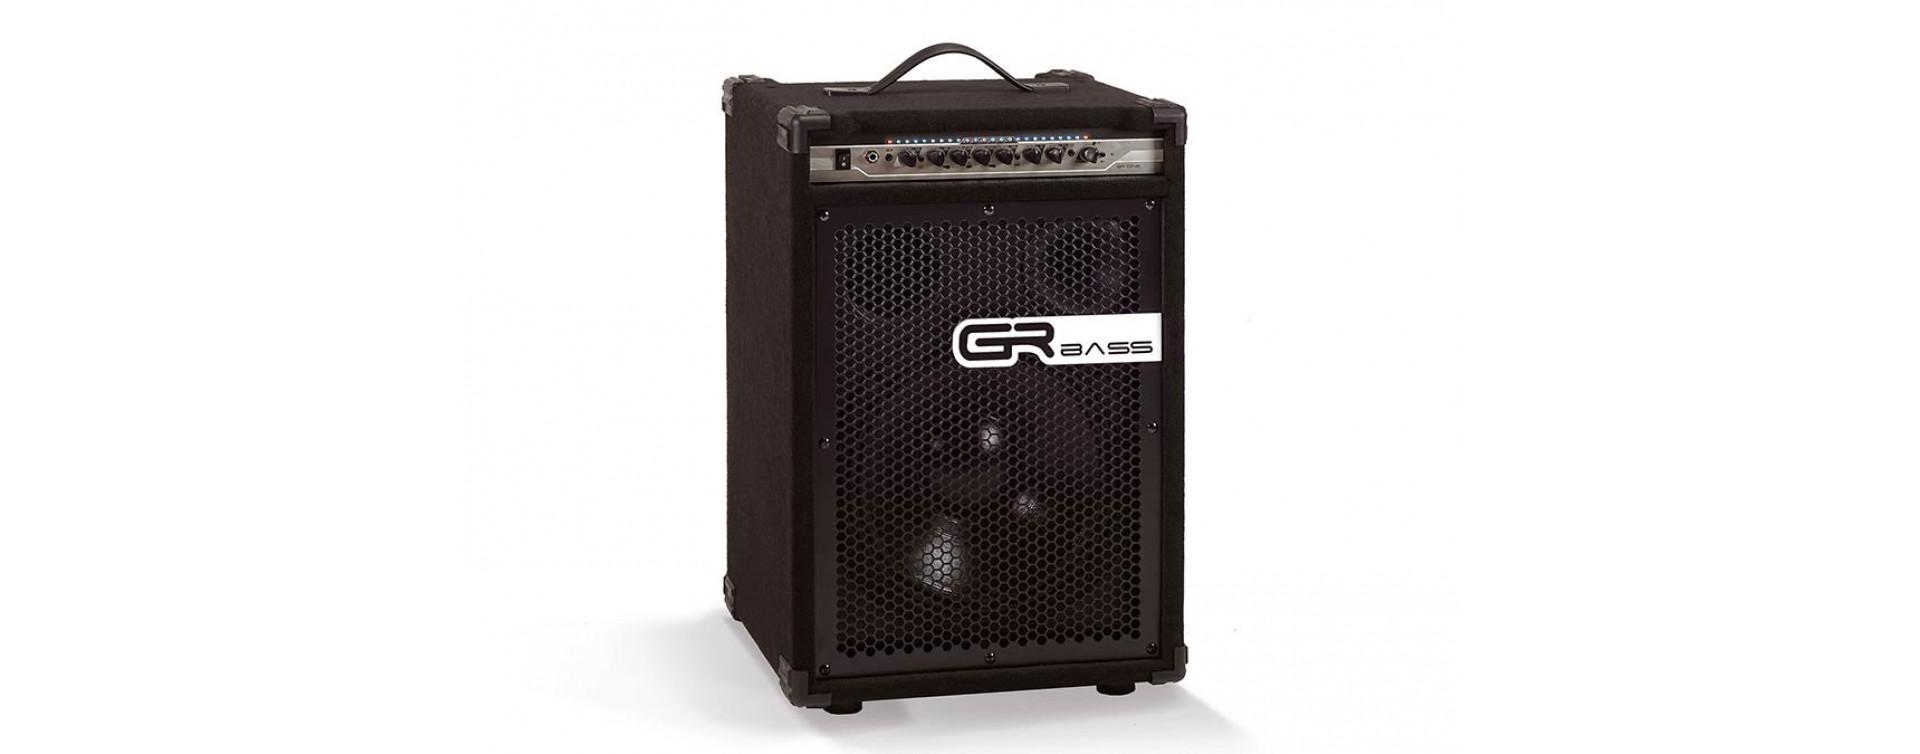 Zosilňovače, kombá a reproboxy na elektrické basgitary